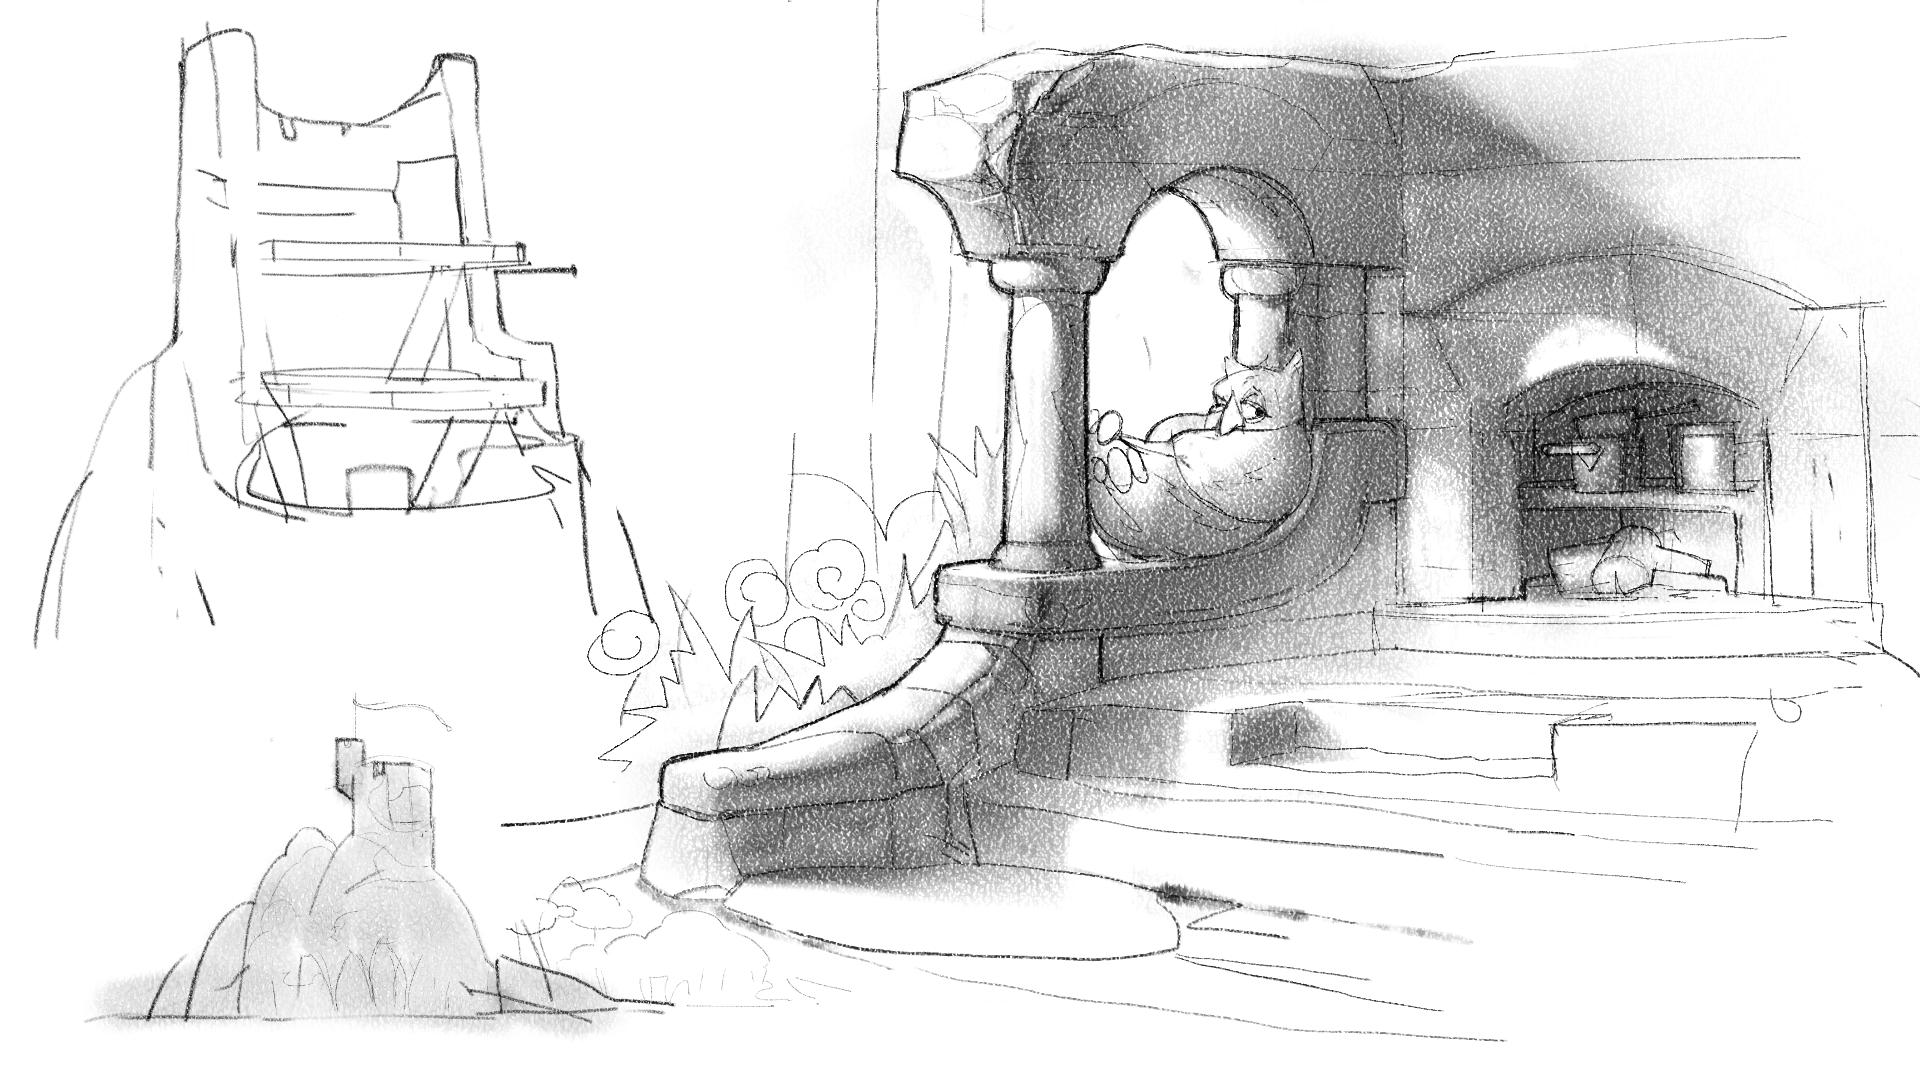 Grizel's ruin_02.jpg